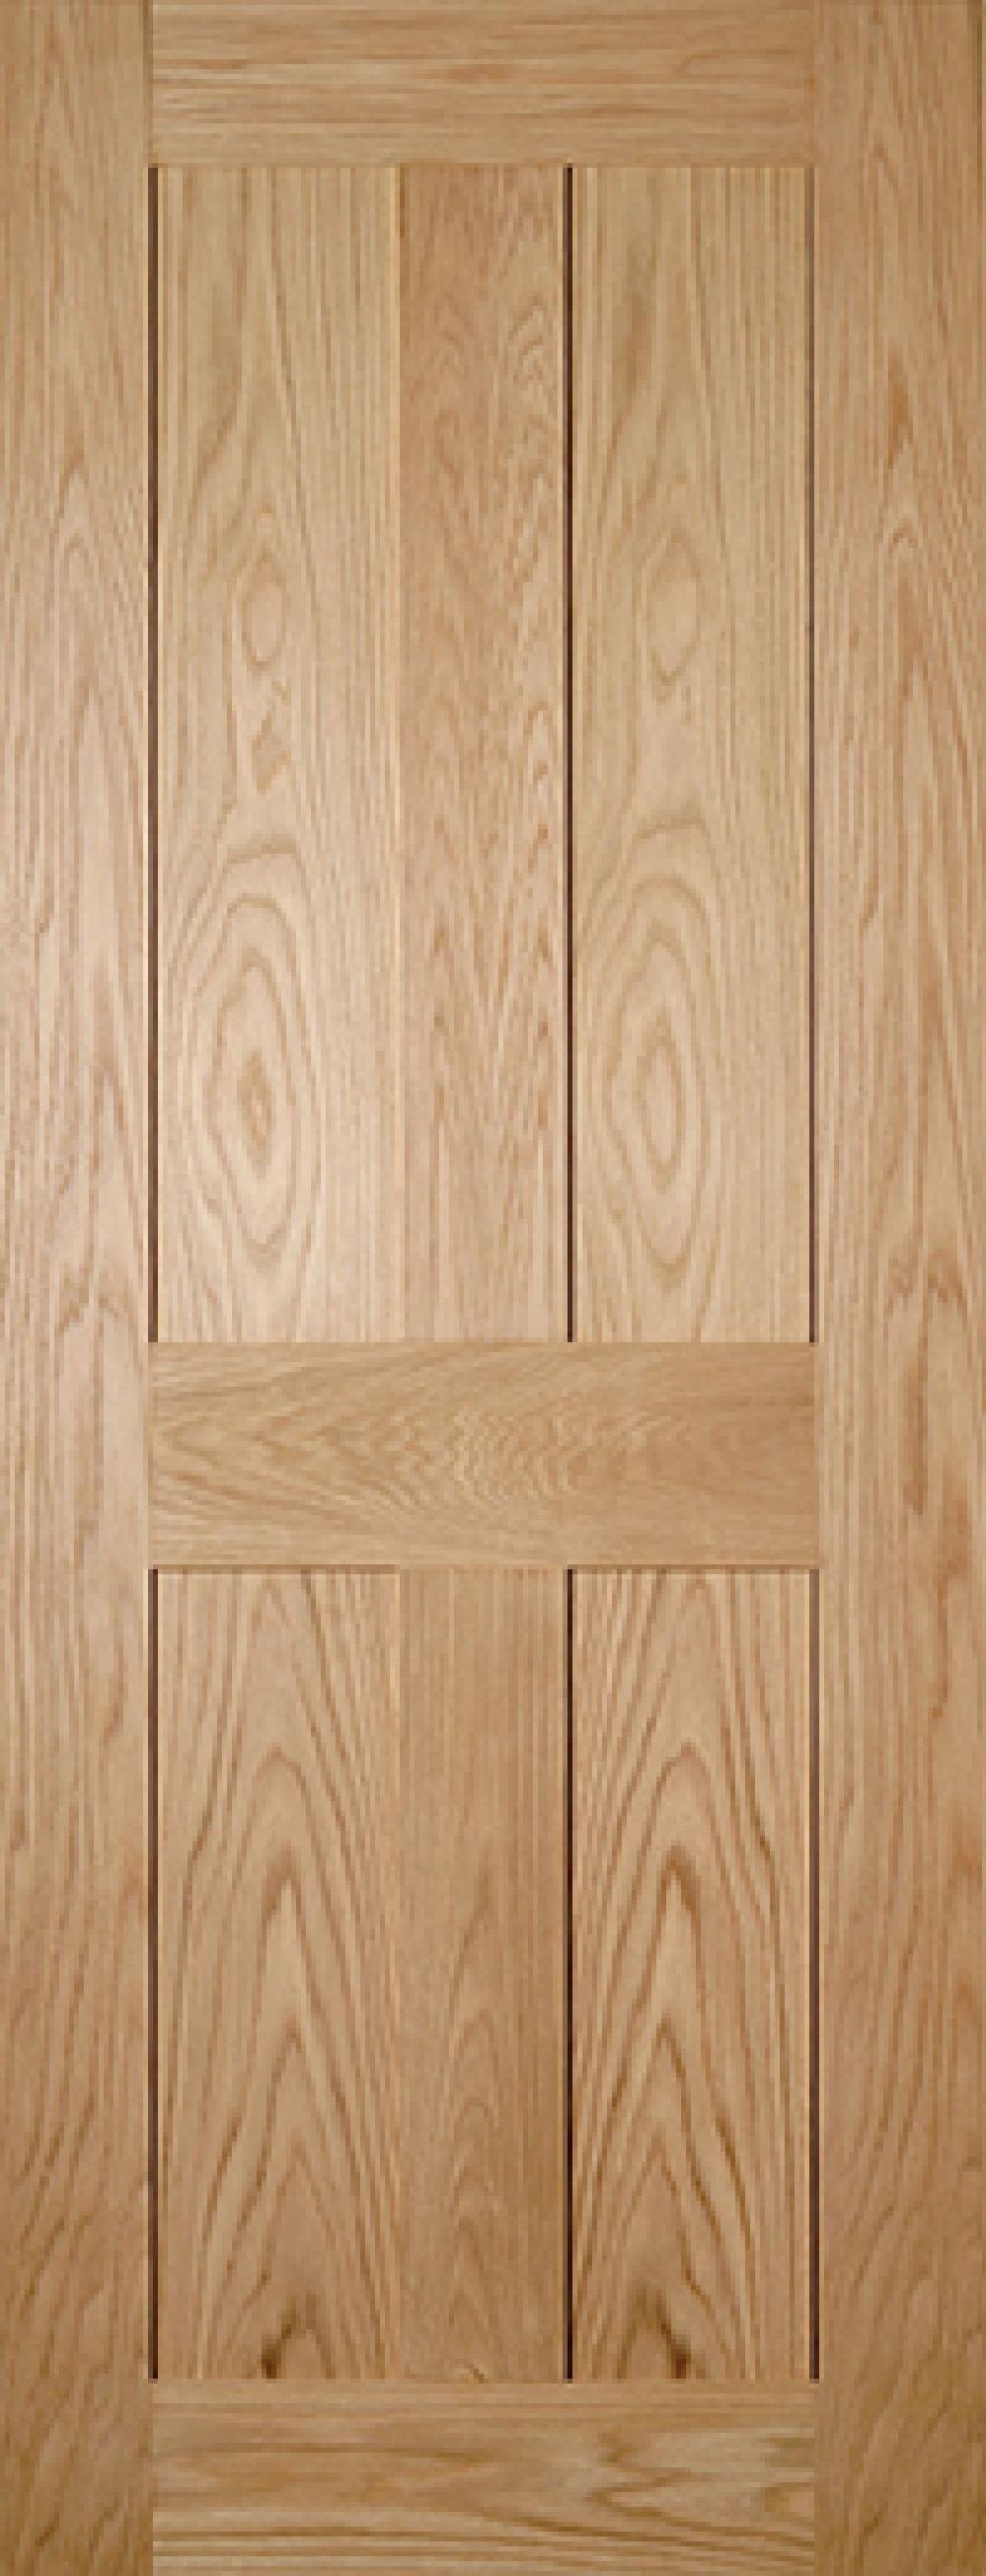 Eton 4 Flat Panel Image